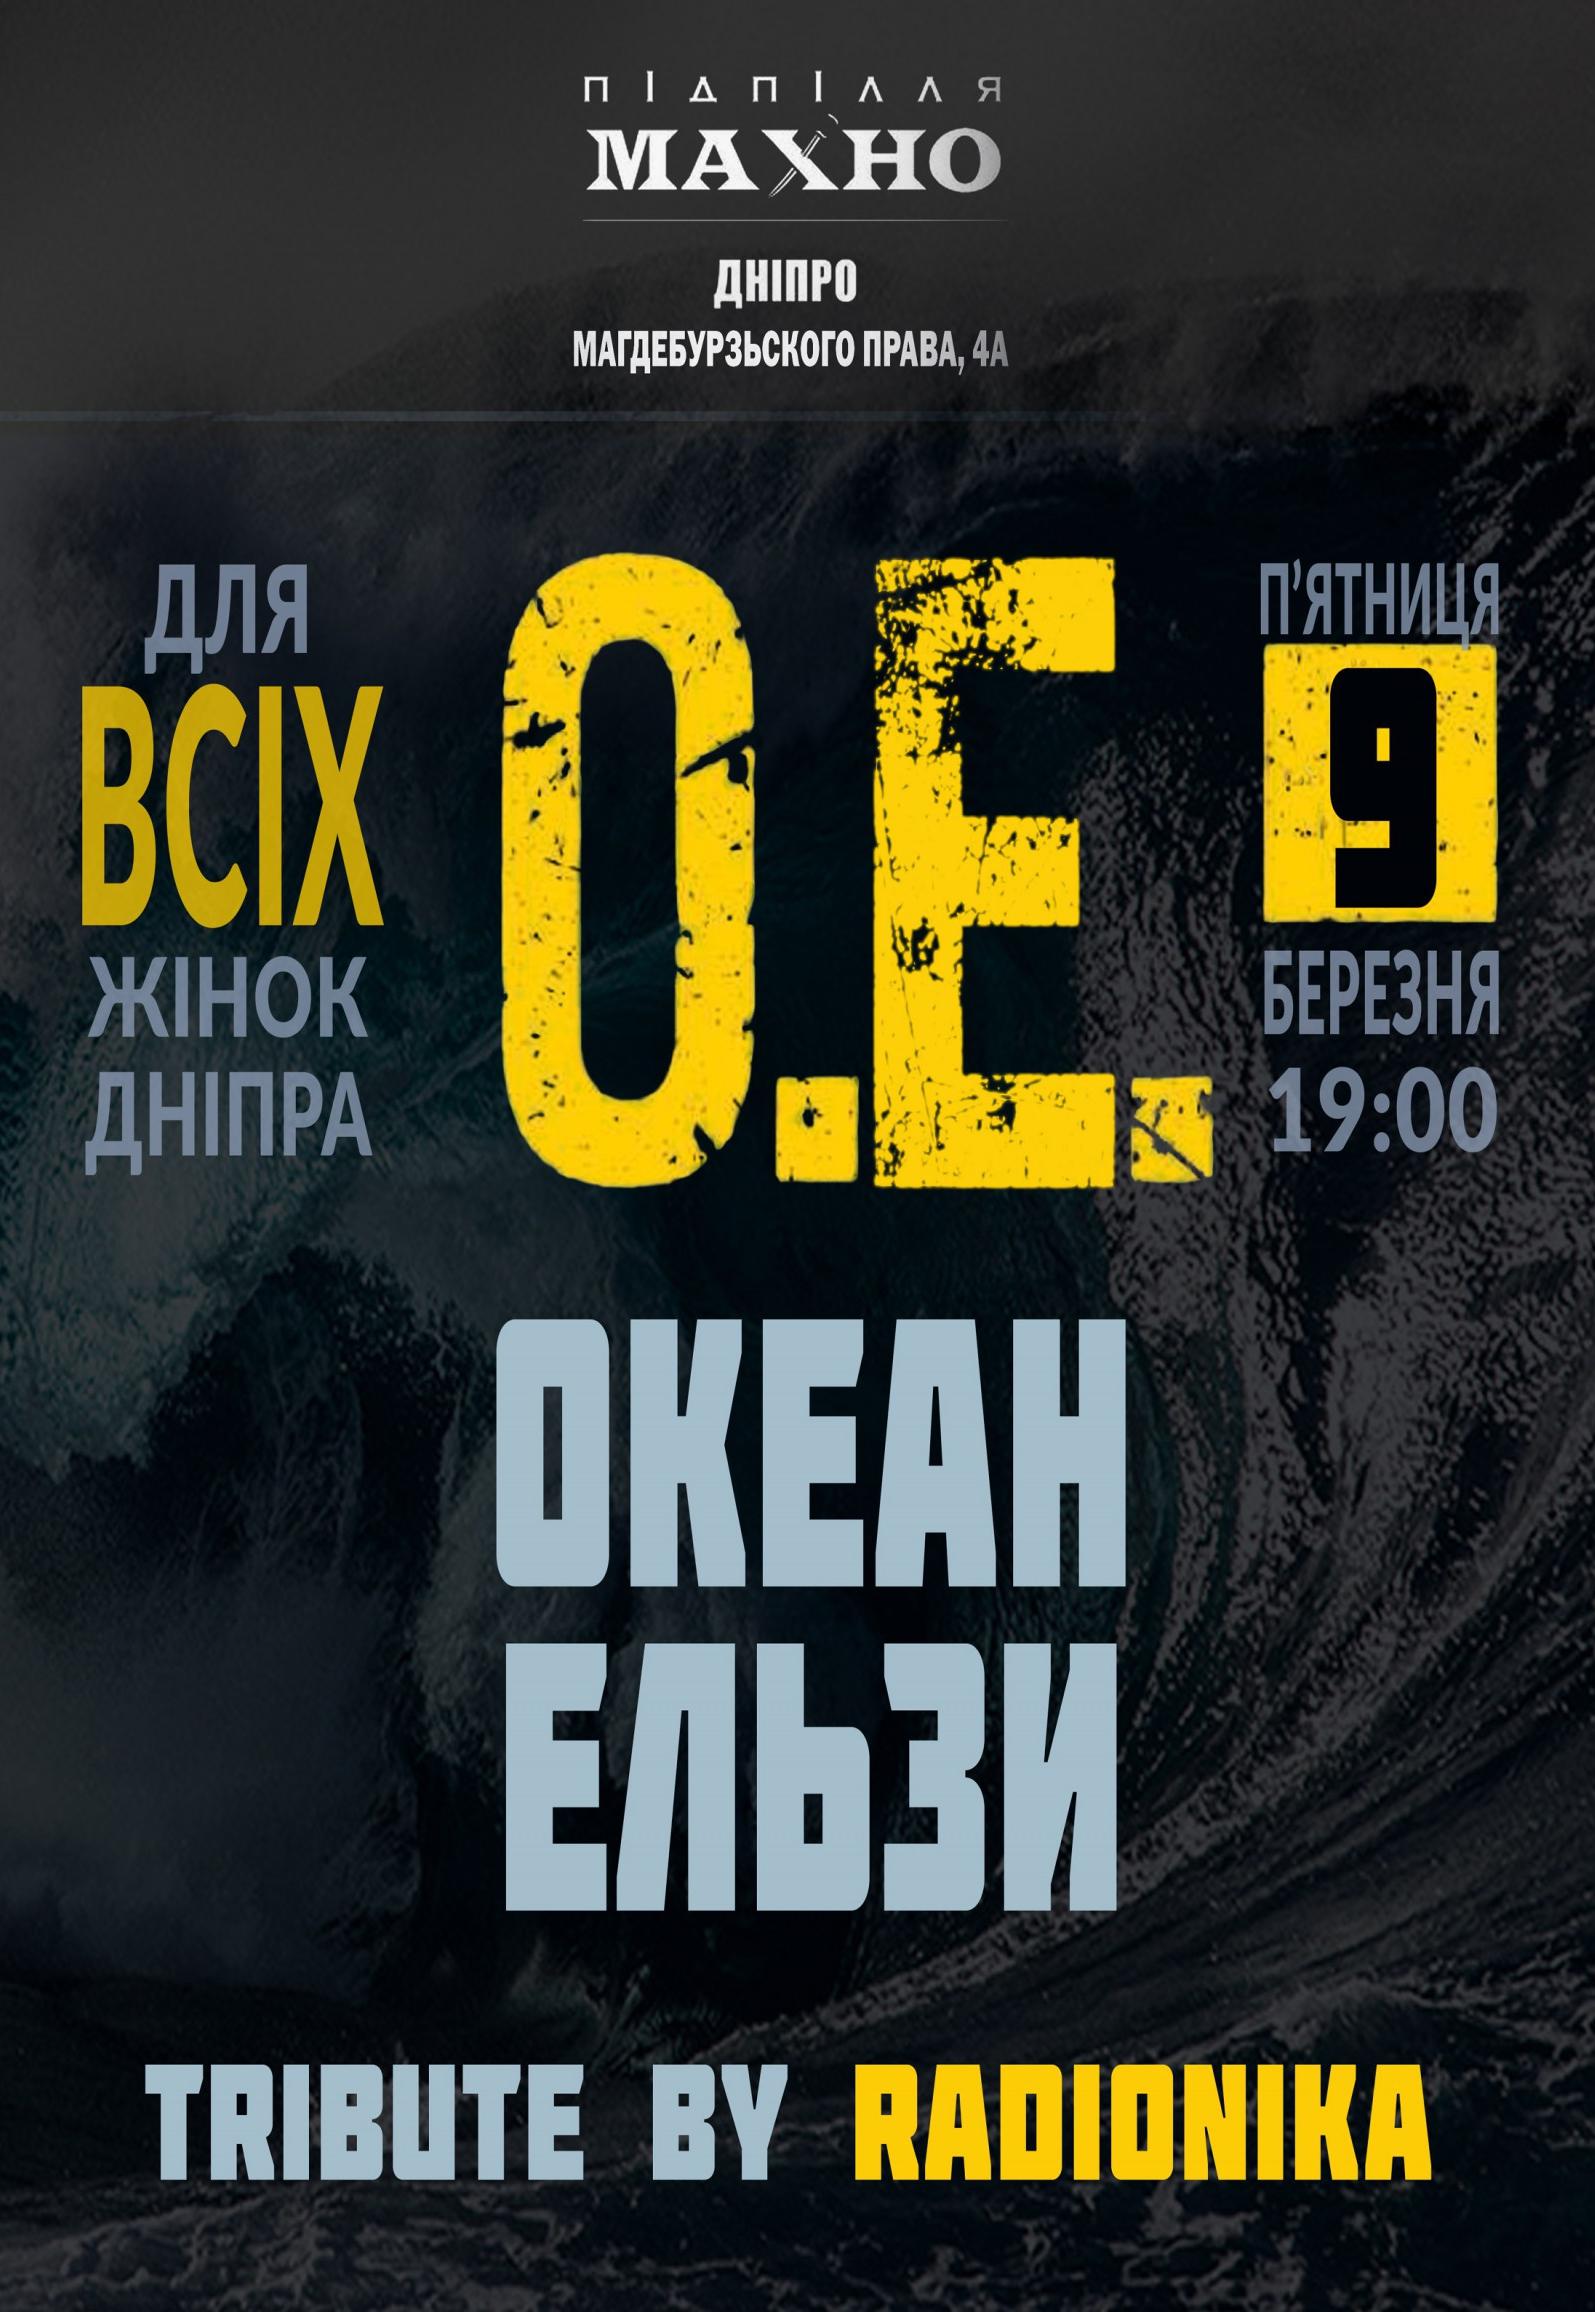 Как купить билеты на концерт океан ельзи афиша театров новосибирска на октябрь 2015